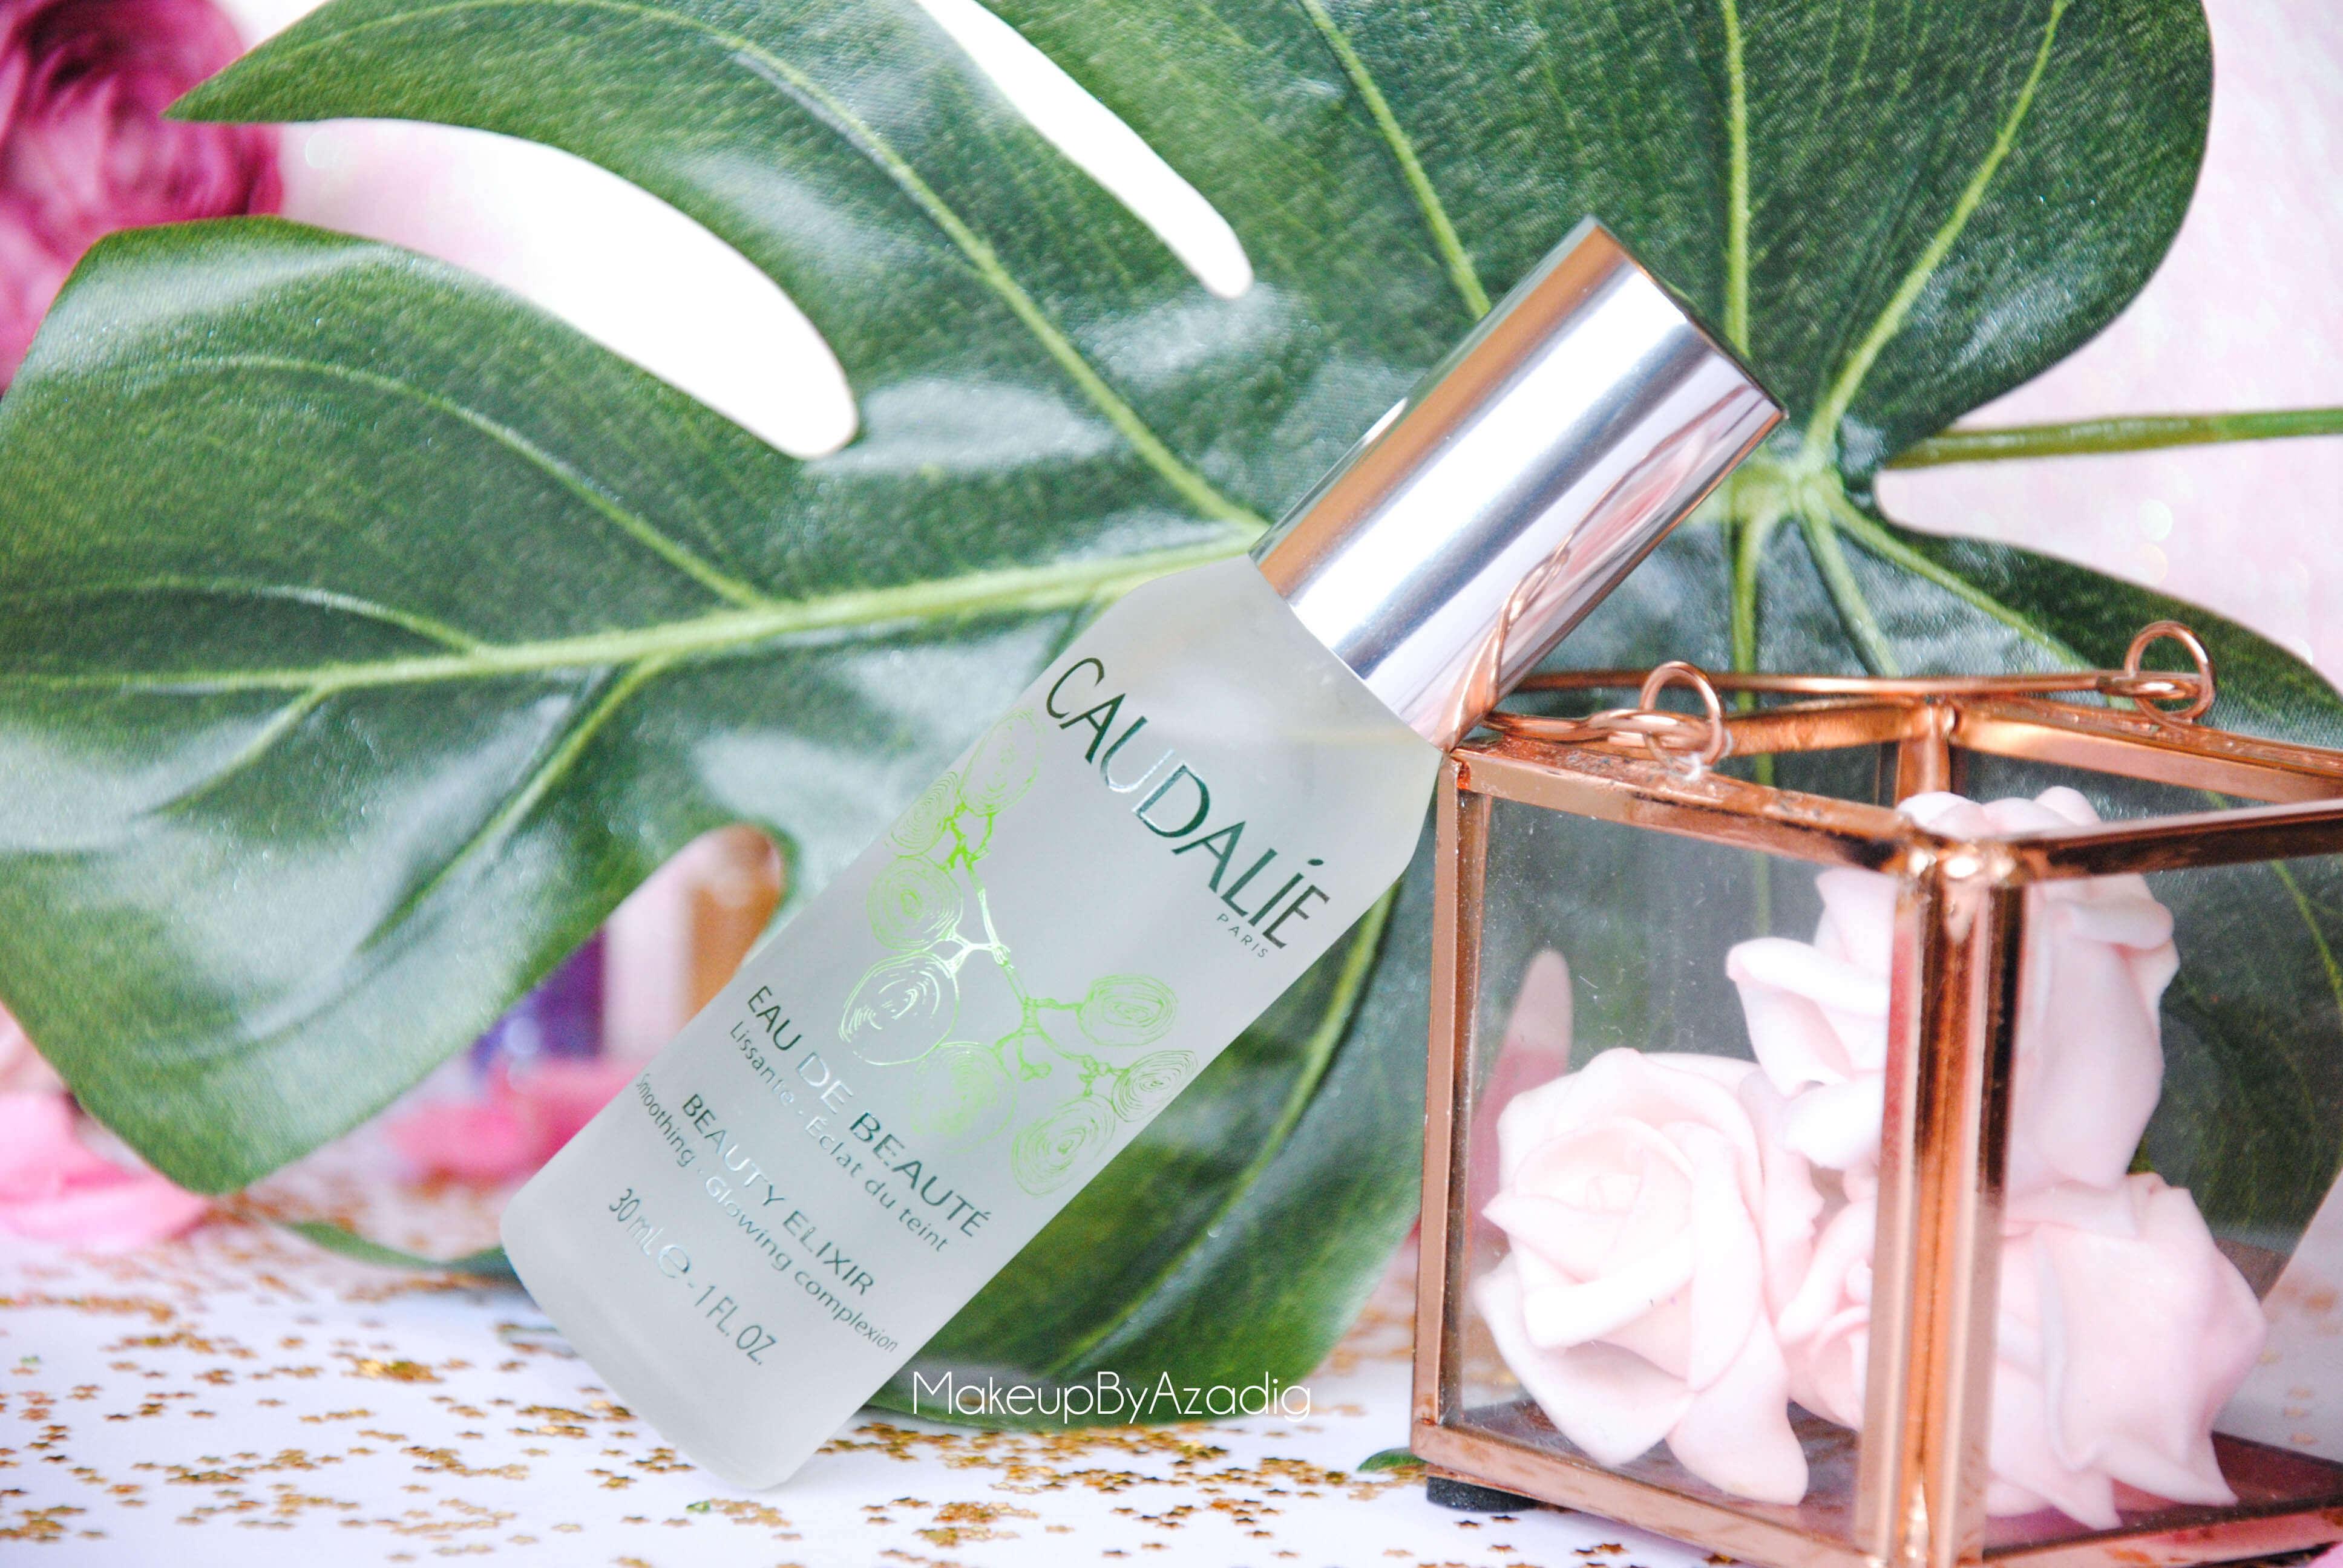 eau de beaute - caudalie - sanoflore - eau florale - produits de parapharmacie - makeupbyazadig - blog troyes - doctipharma